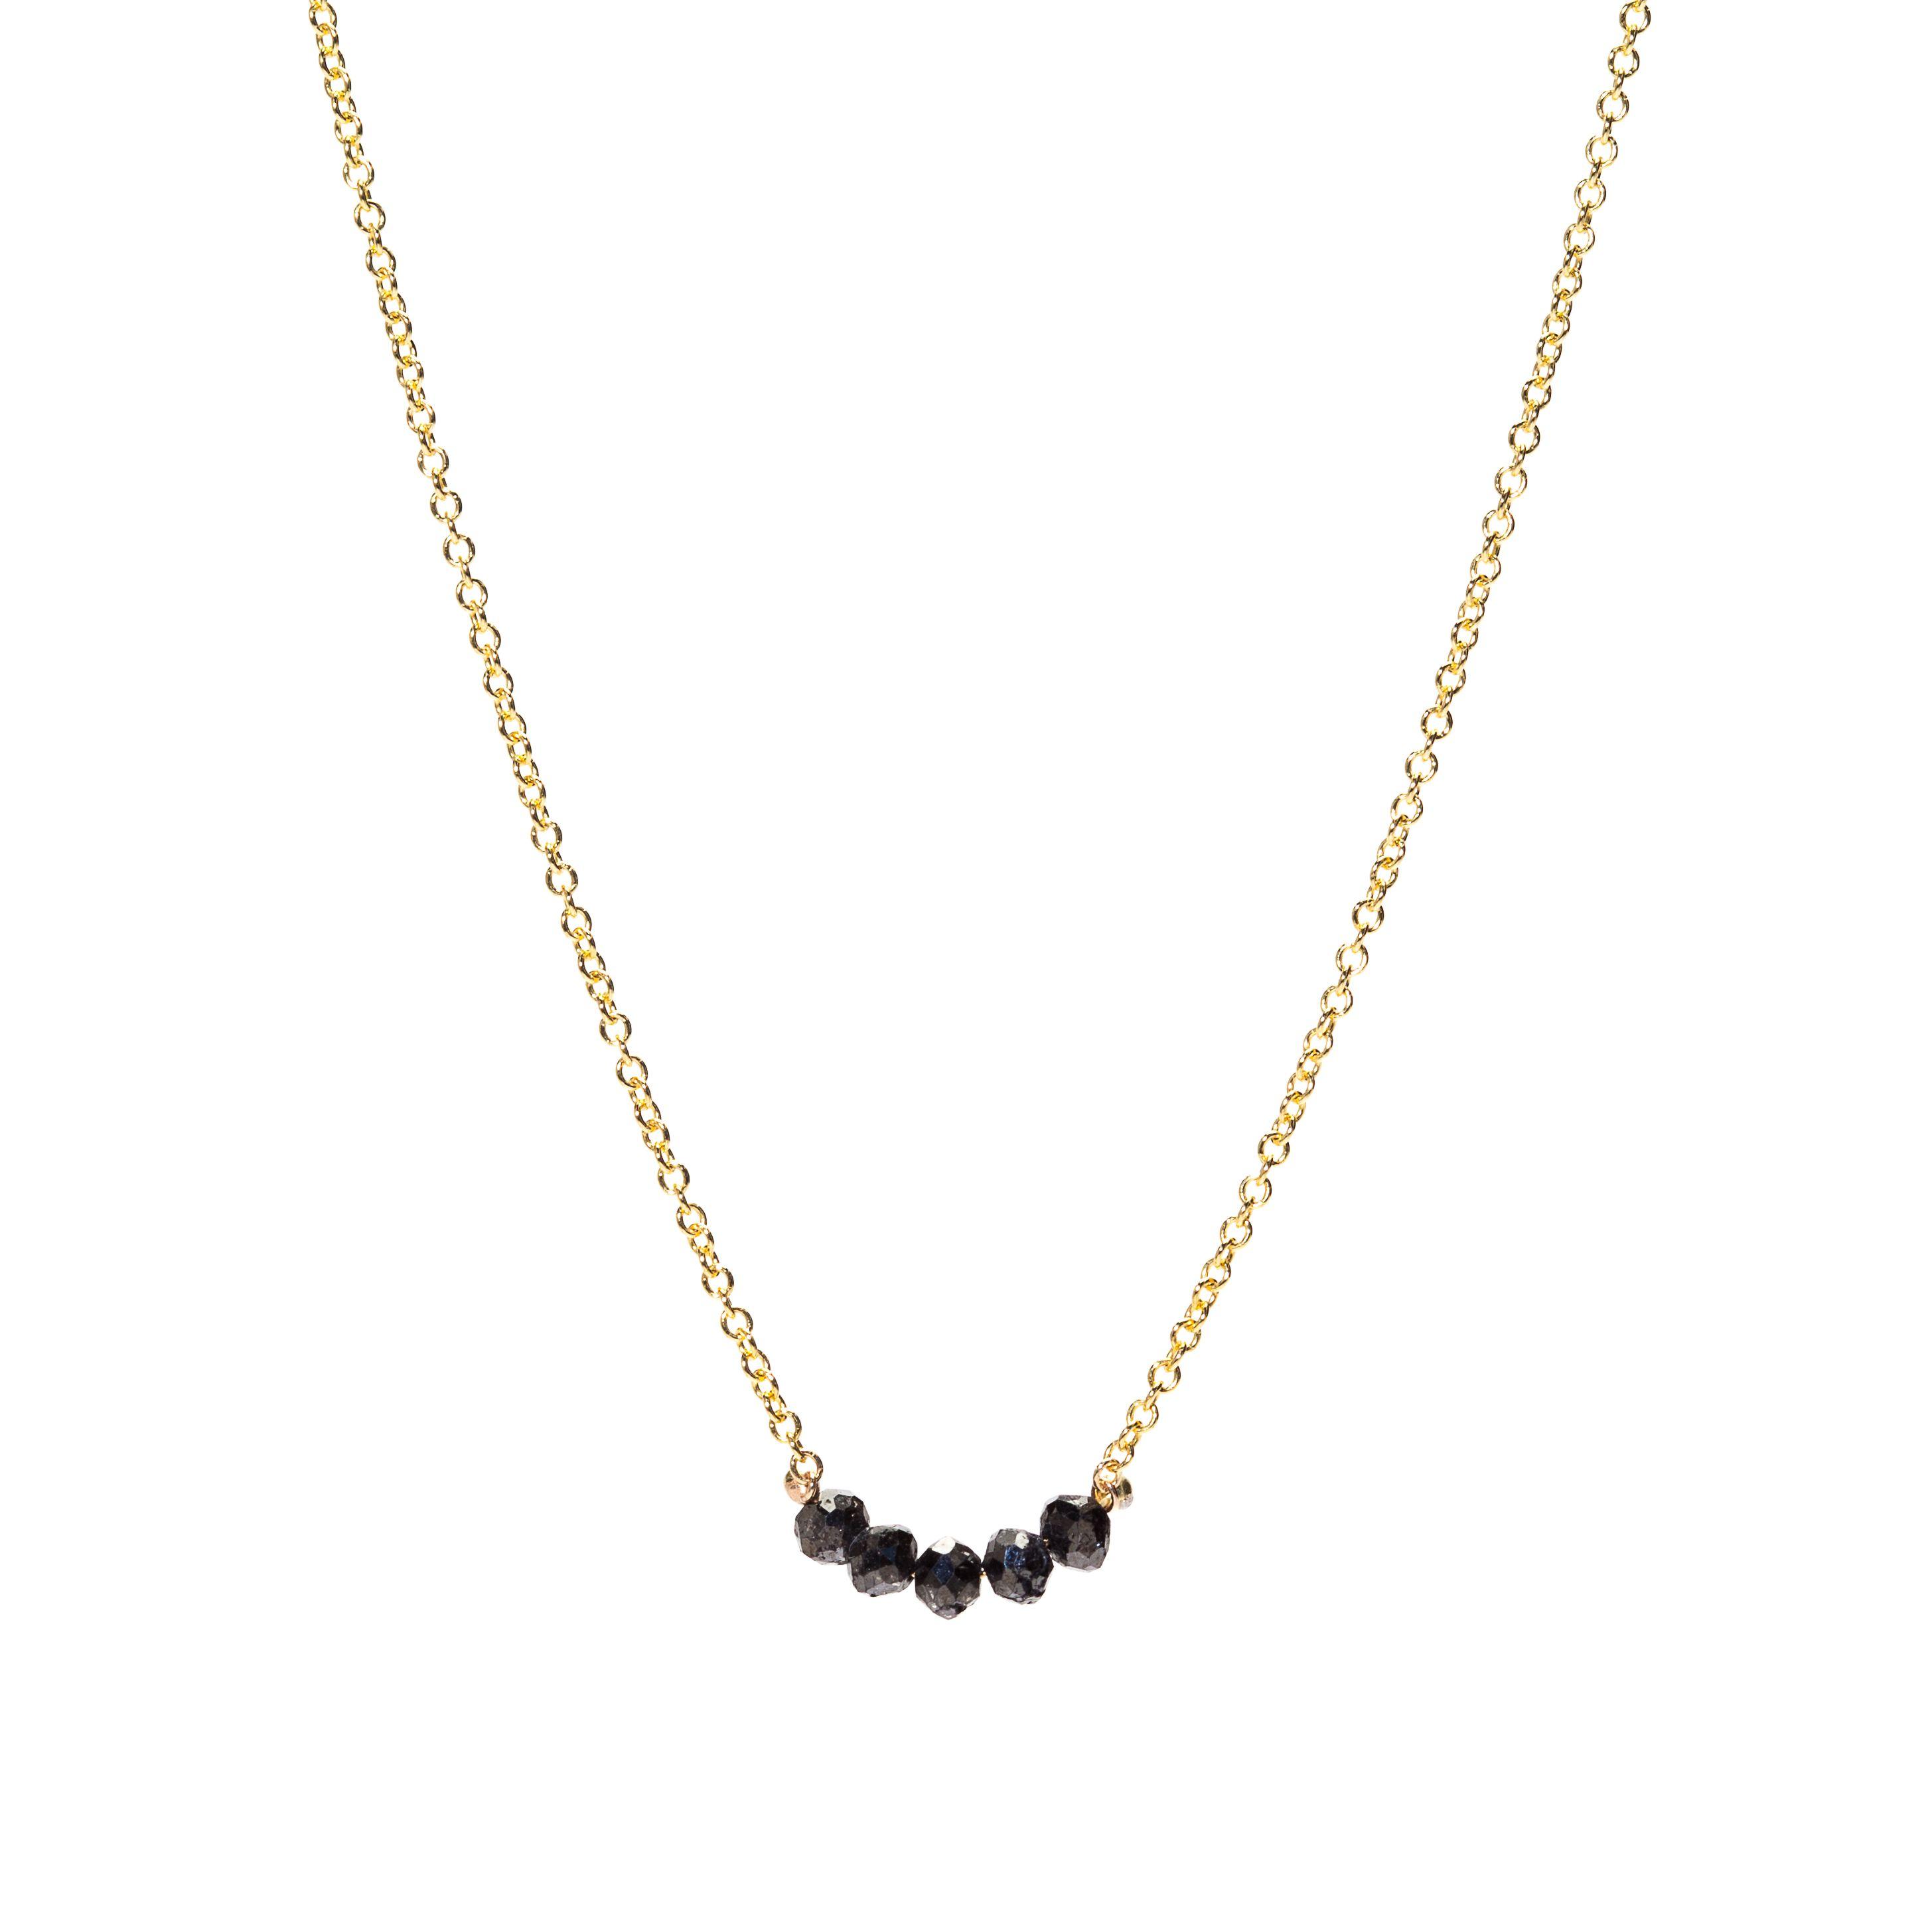 ea429d8ef Black Diamond Smile Necklace | Bracelets & Necklaces | Black diamond ...